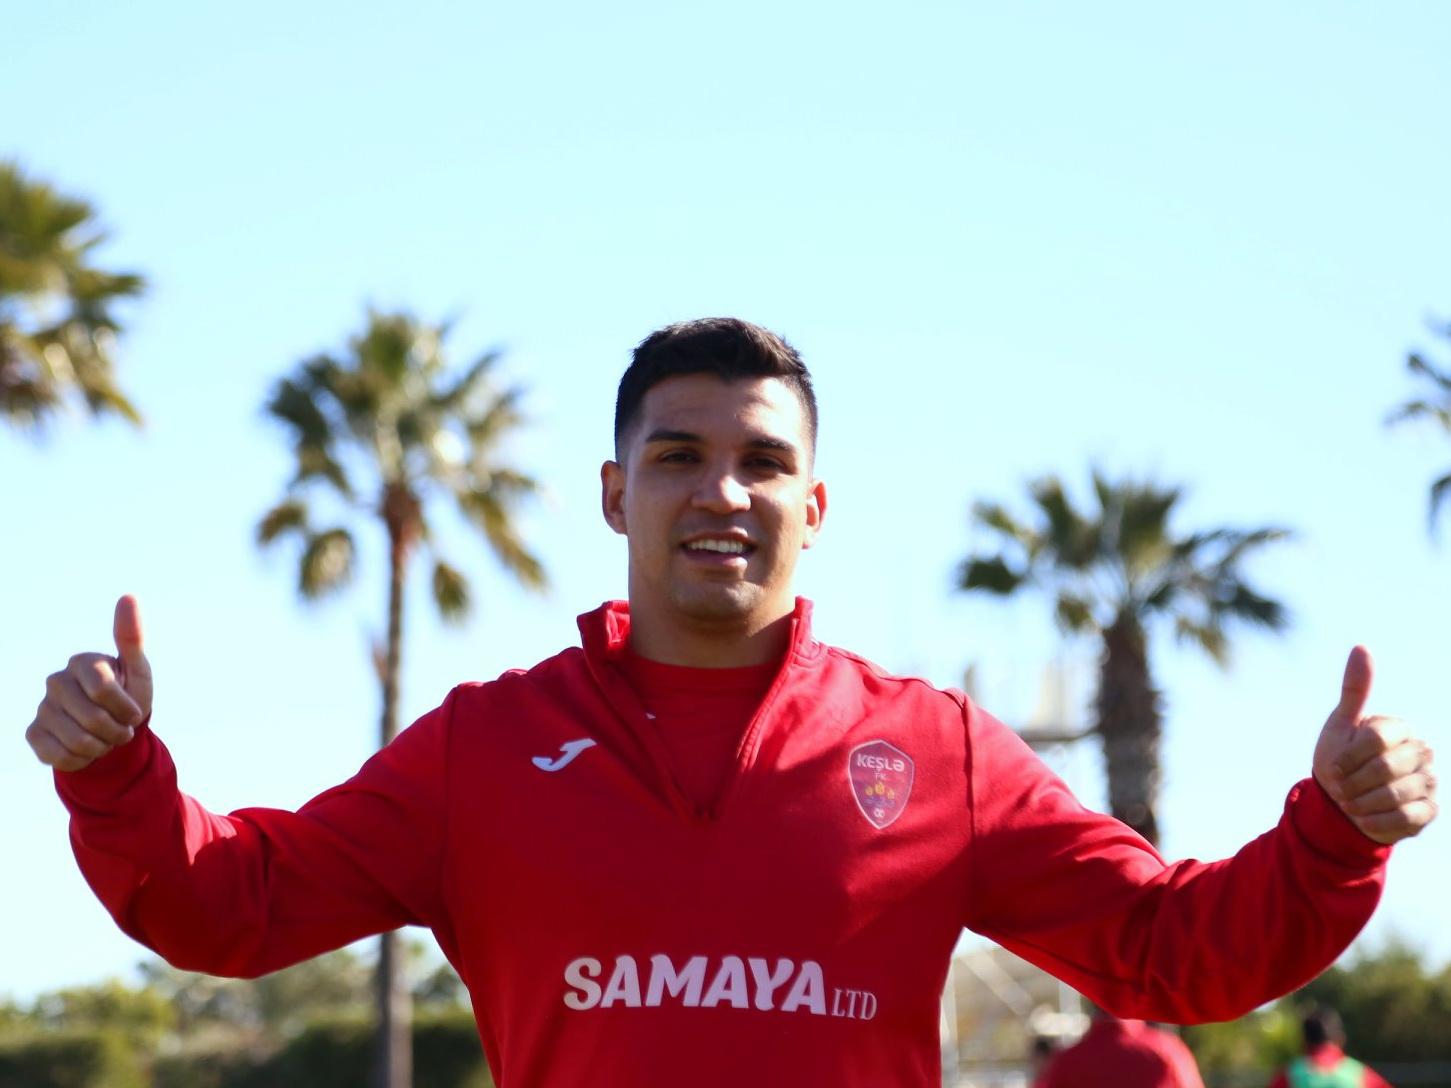 Сезар Меза Колли хочет играть за сборную Азербайджана